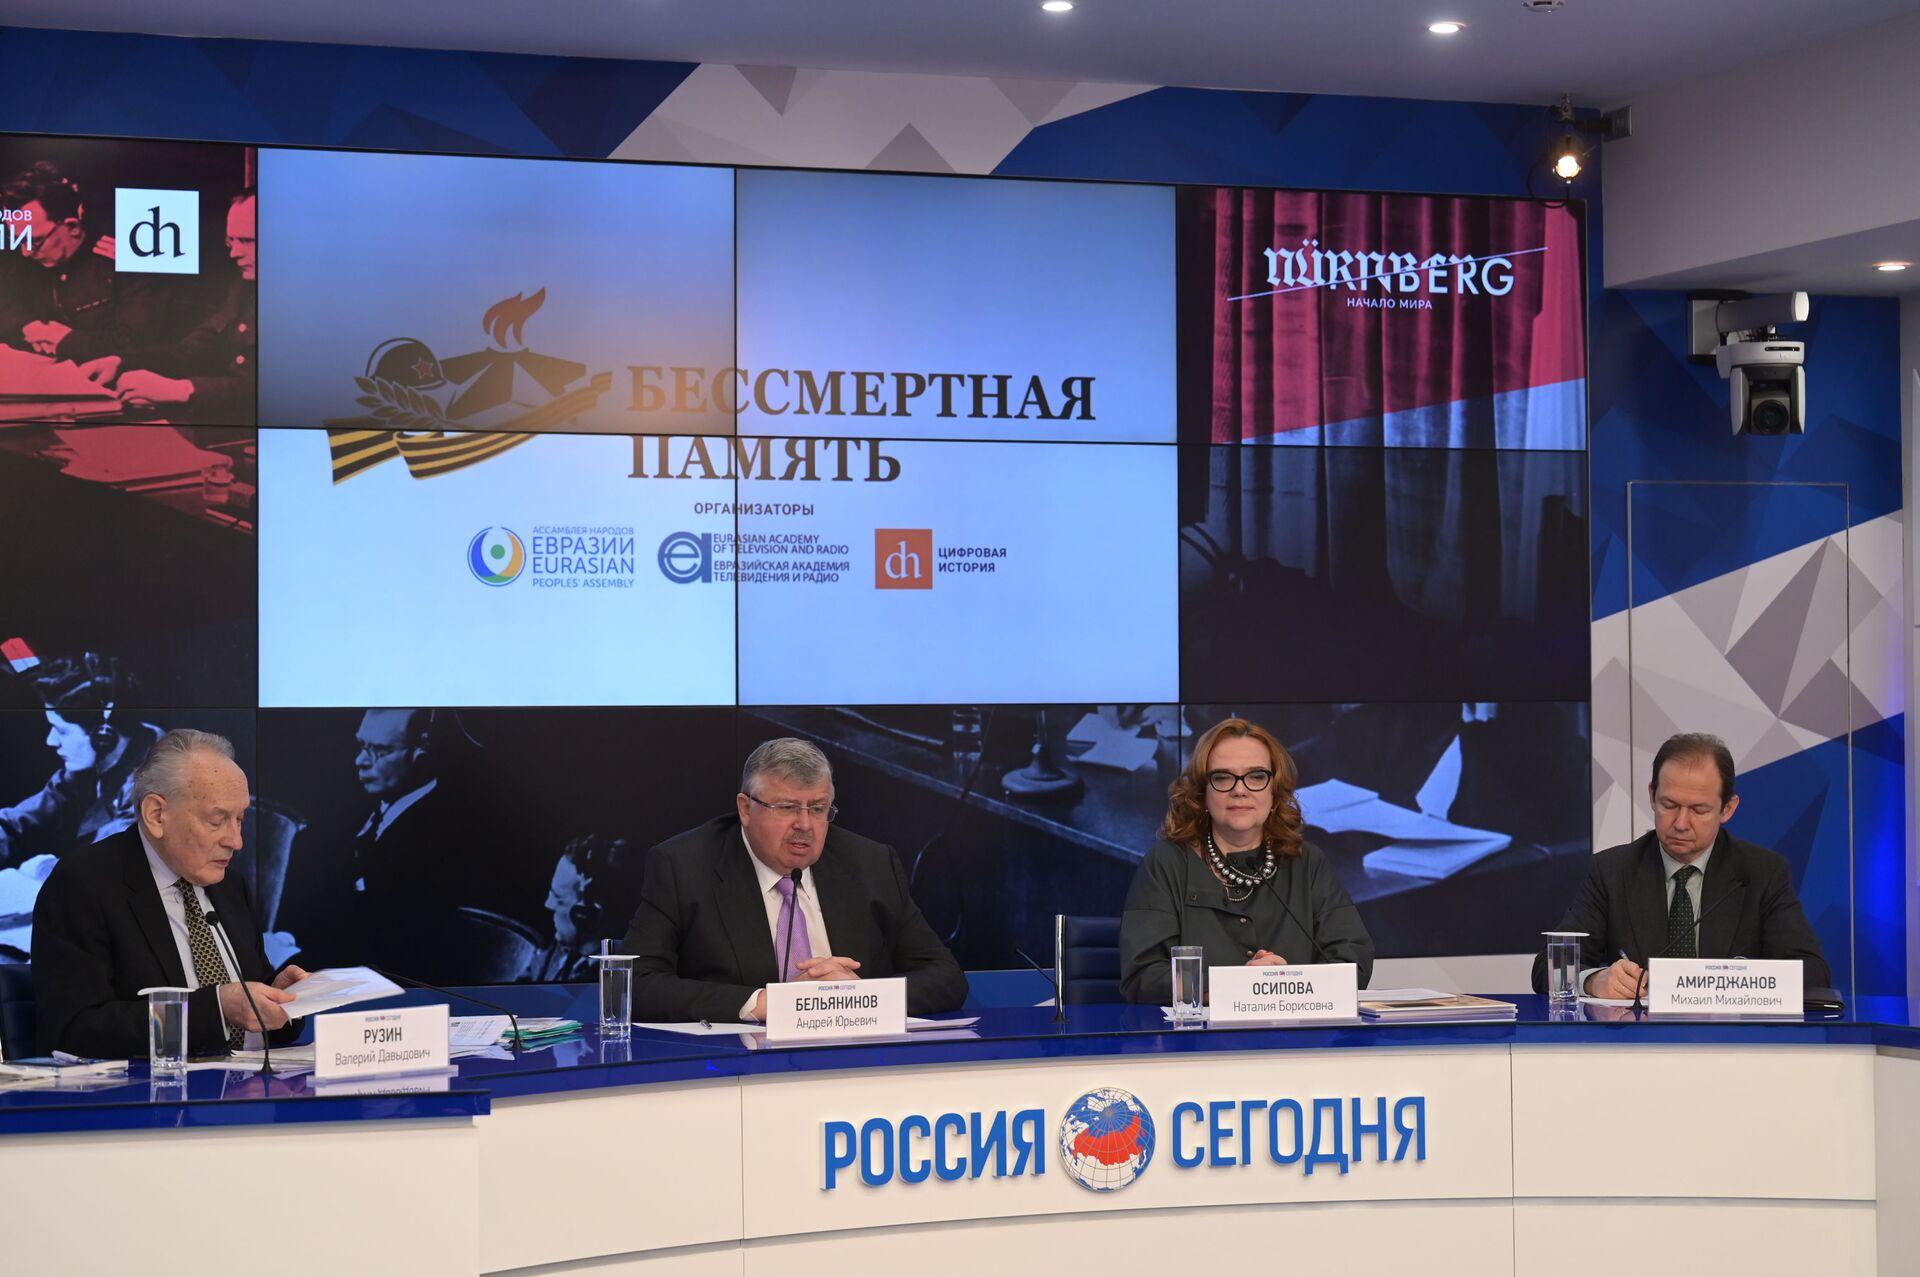 У агенцтве Россия сегодня прадставілі праект Бессмертная память - Sputnik Беларусь, 1920, 25.02.2021